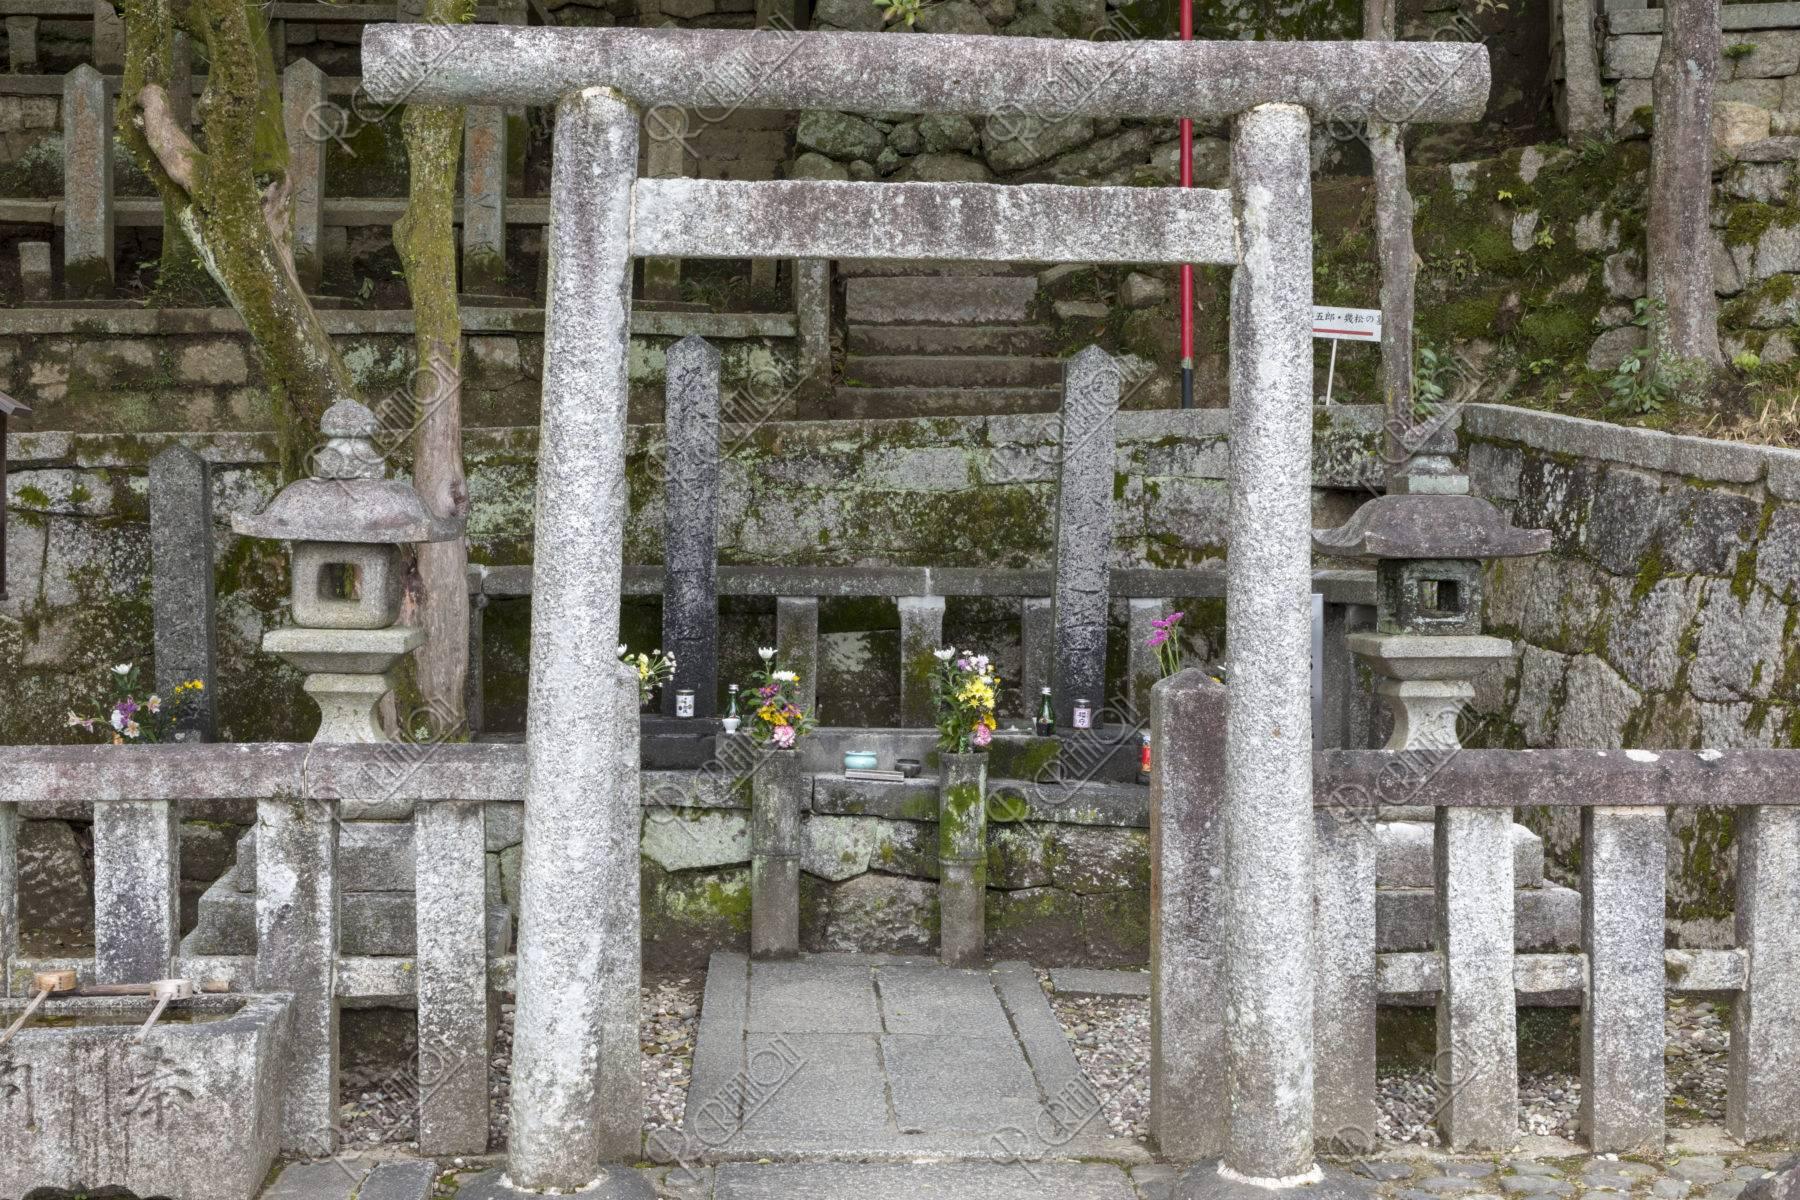 坂本龍馬 中岡慎太郎の墓